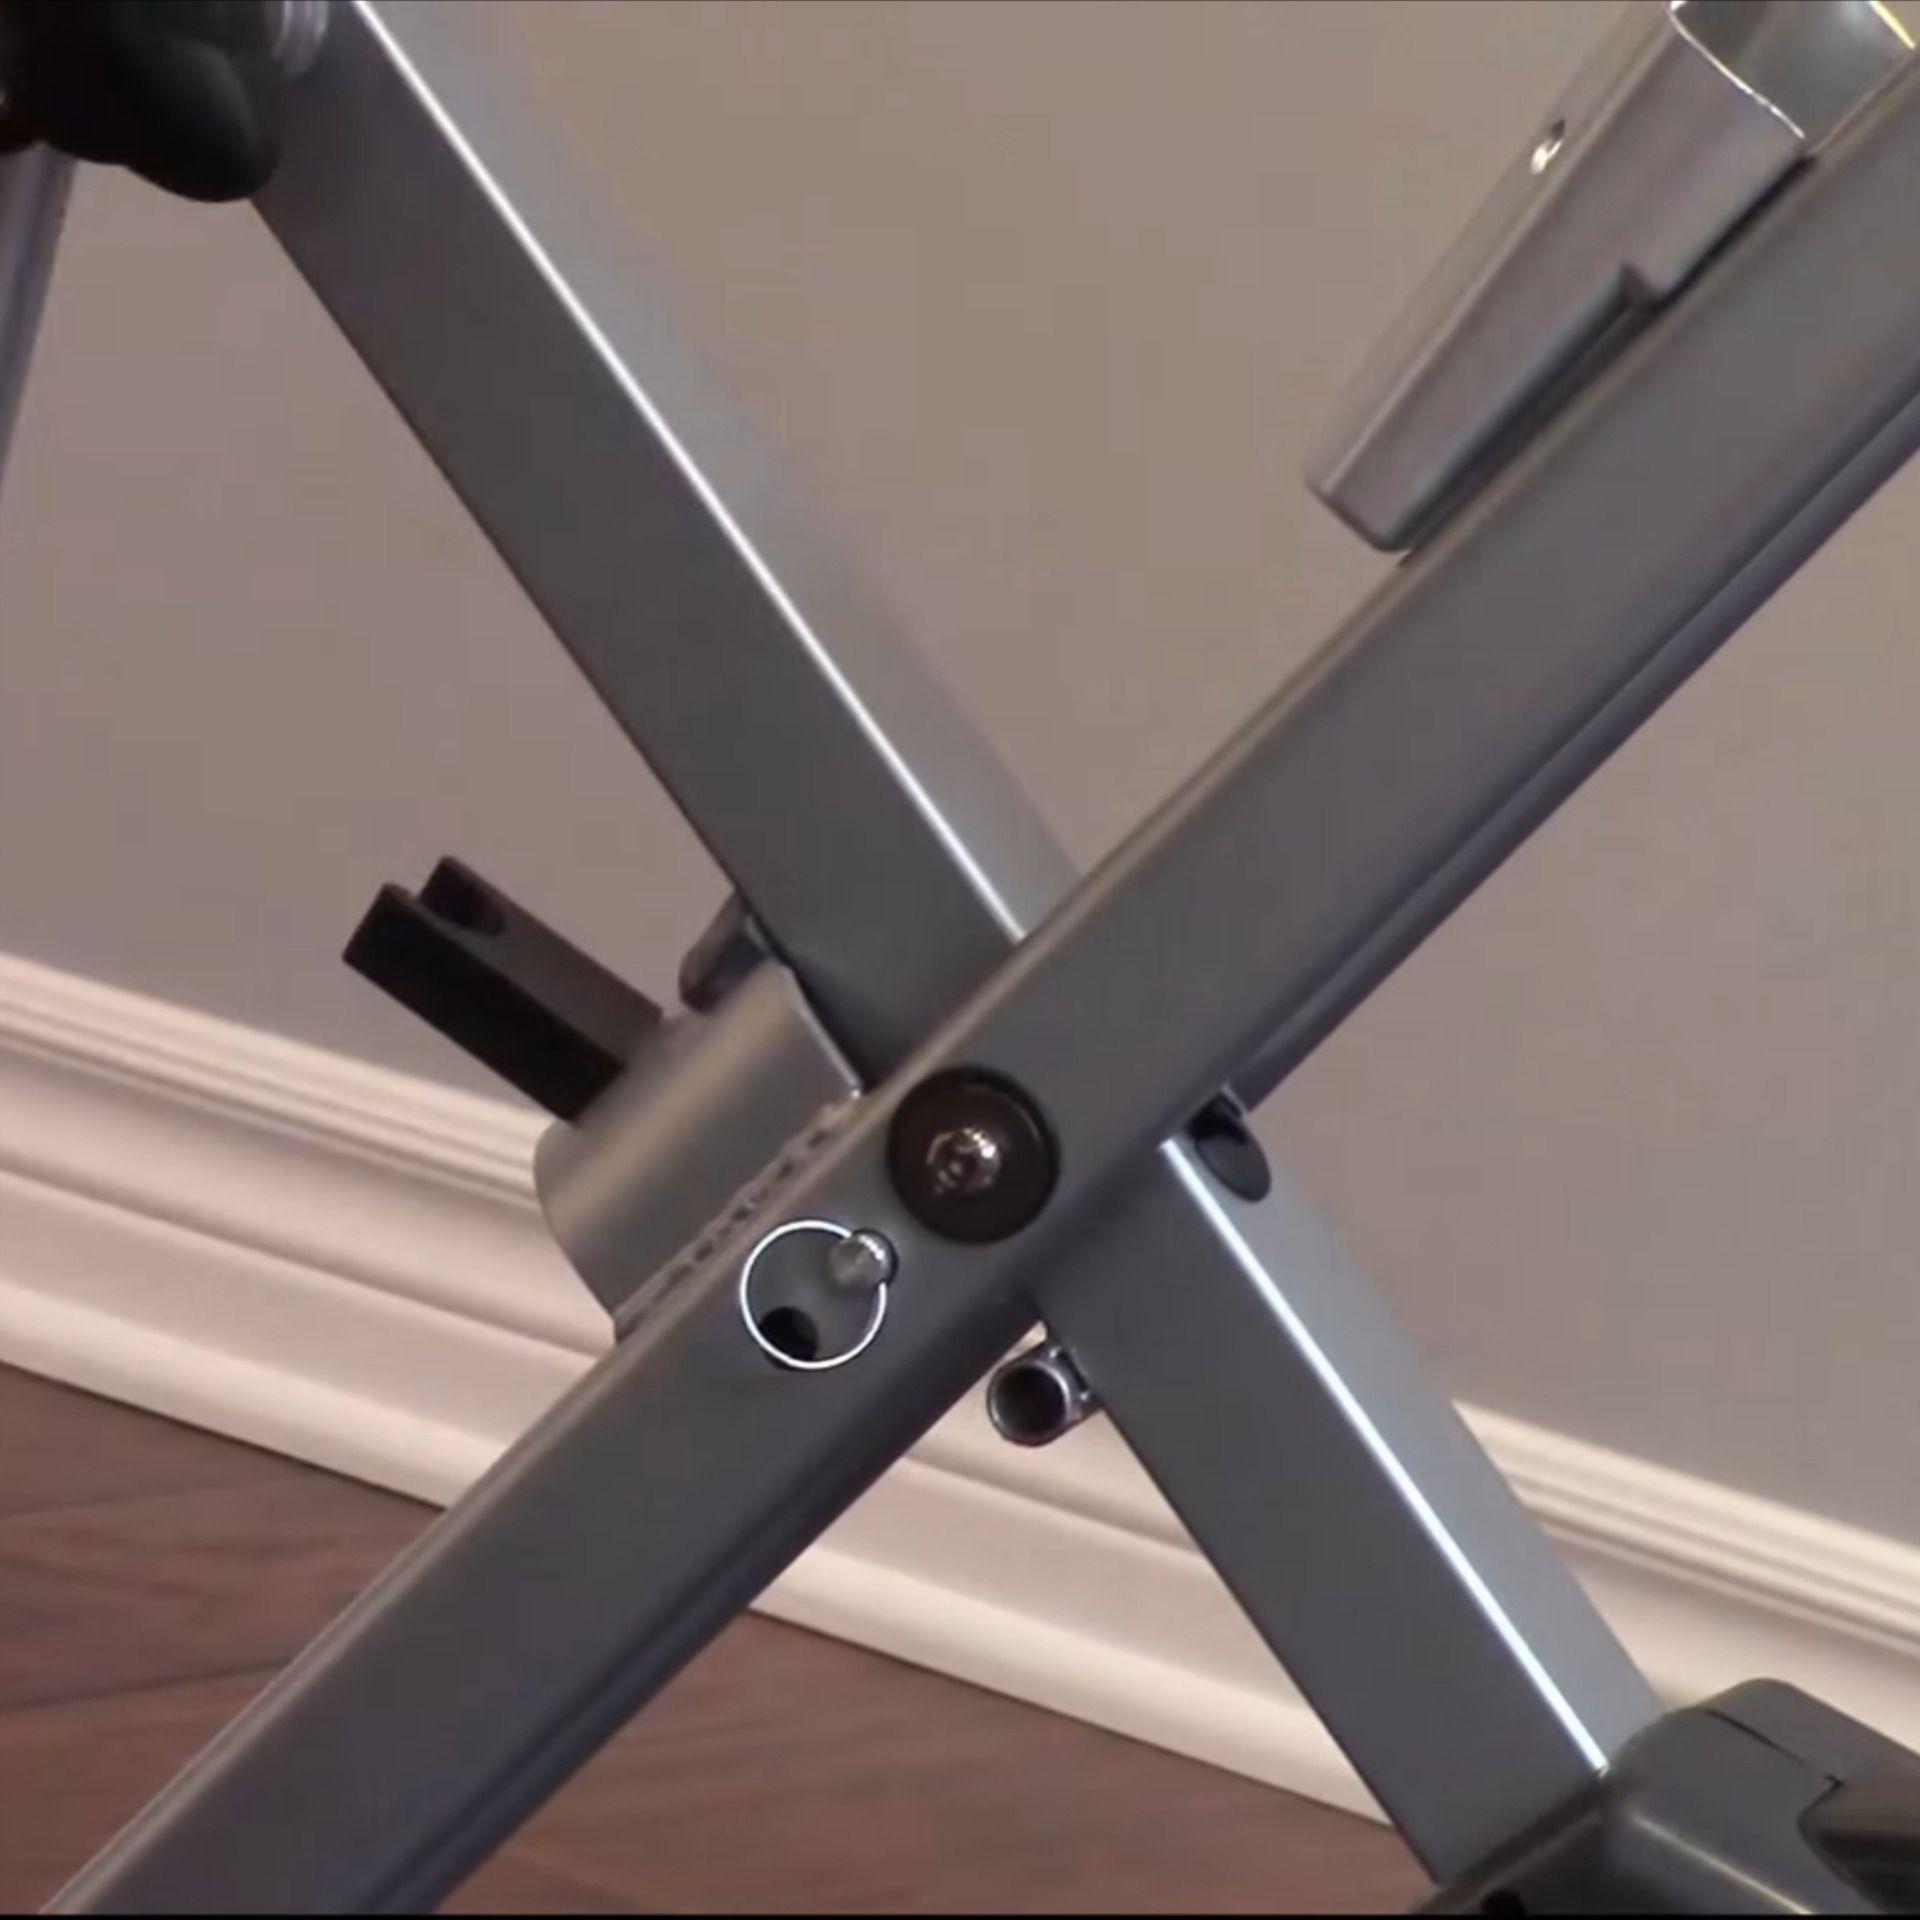 Exercise Bike Craigslist Exercise Bike Vs Treadmill Best Folding